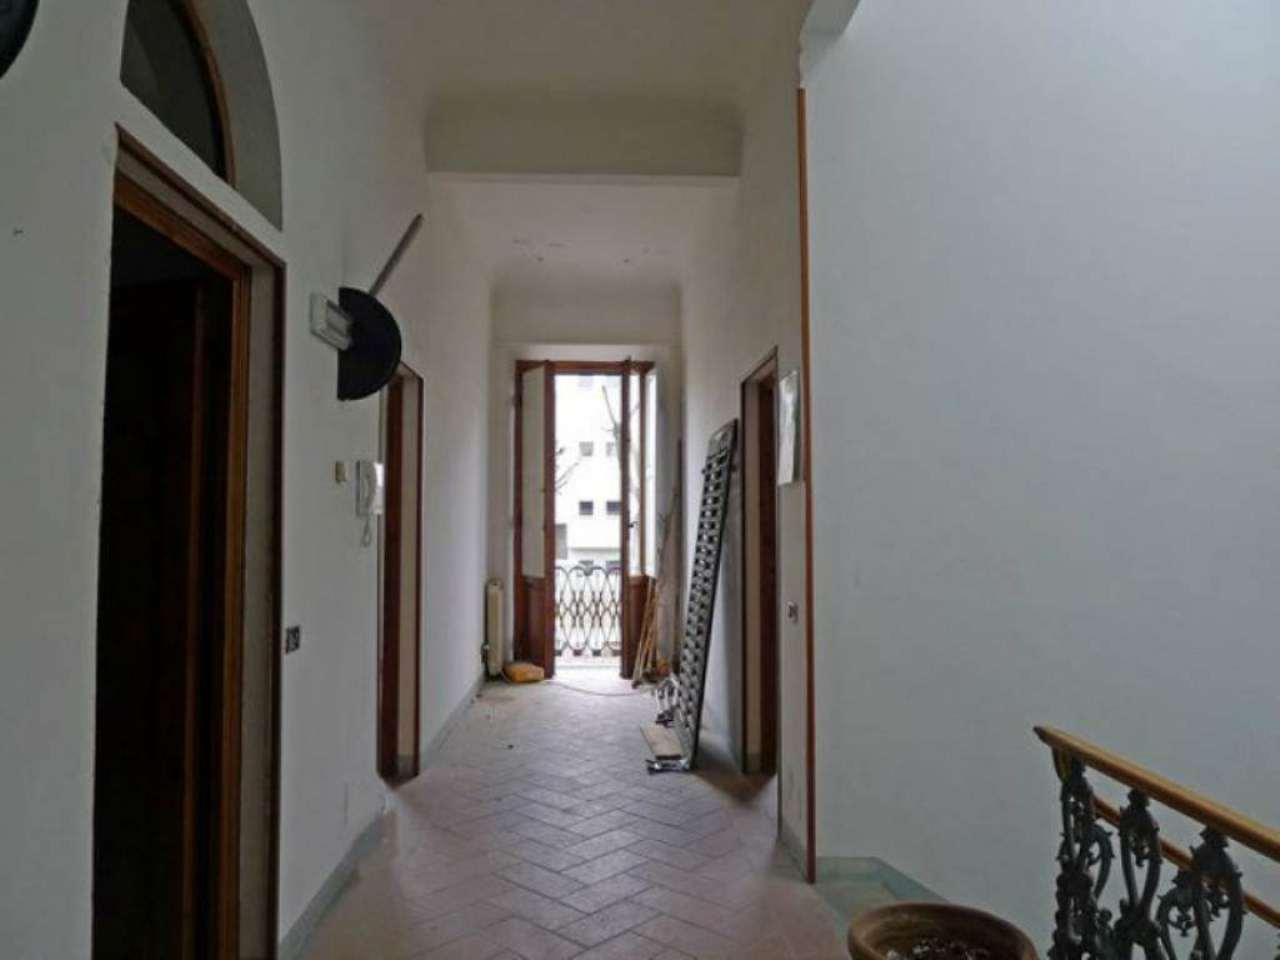 Ufficio / Studio in vendita a Sesto Fiorentino, 6 locali, prezzo € 450.000 | CambioCasa.it